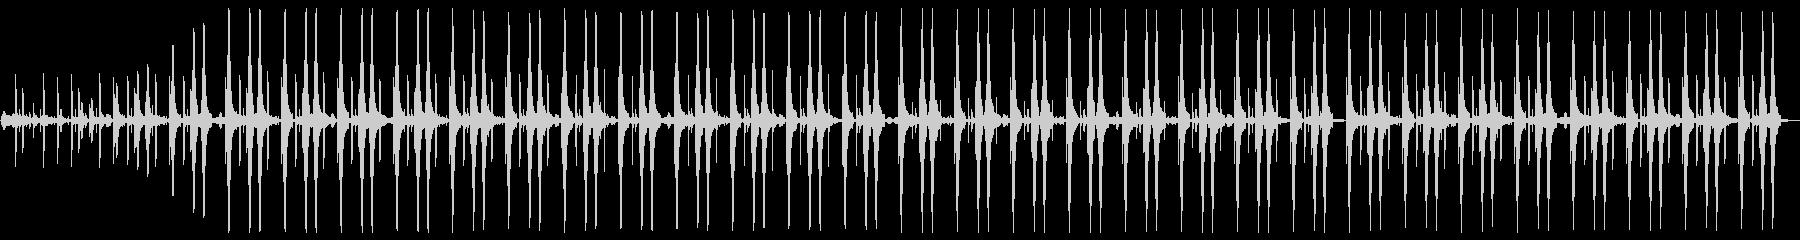 メロディーはありません。リズム曲です。の未再生の波形